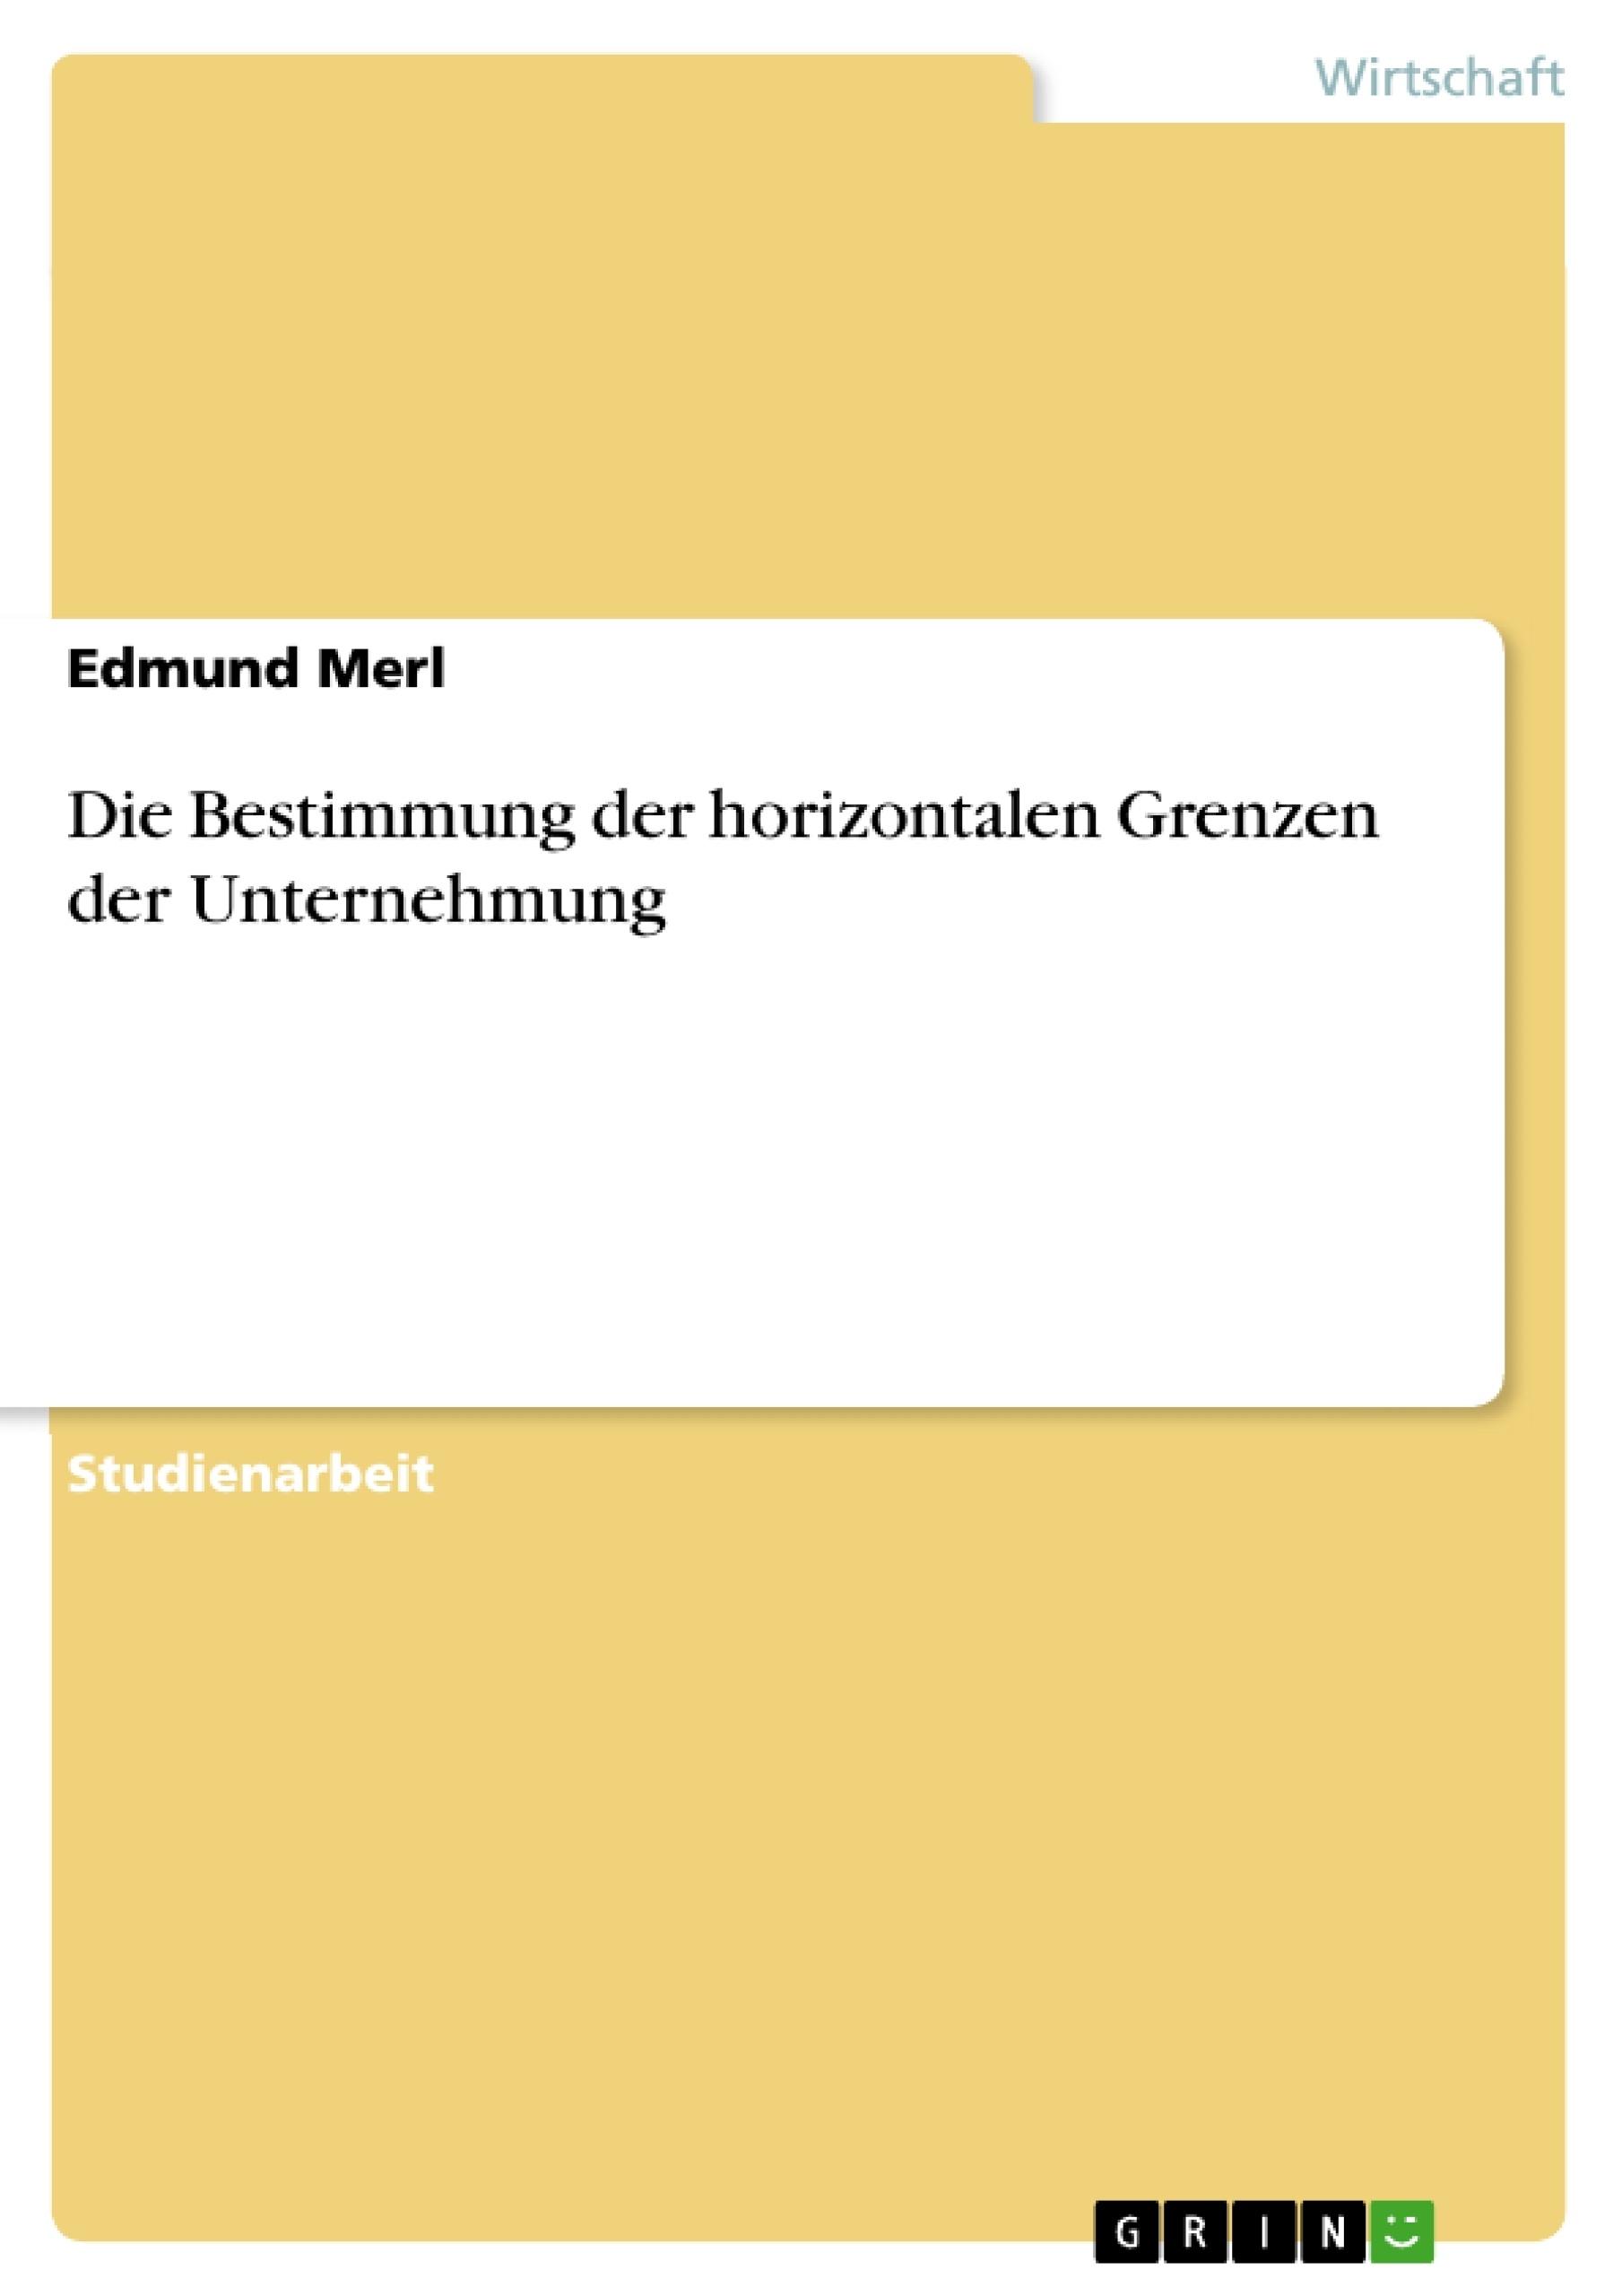 Titel: Die Bestimmung der horizontalen Grenzen der Unternehmung